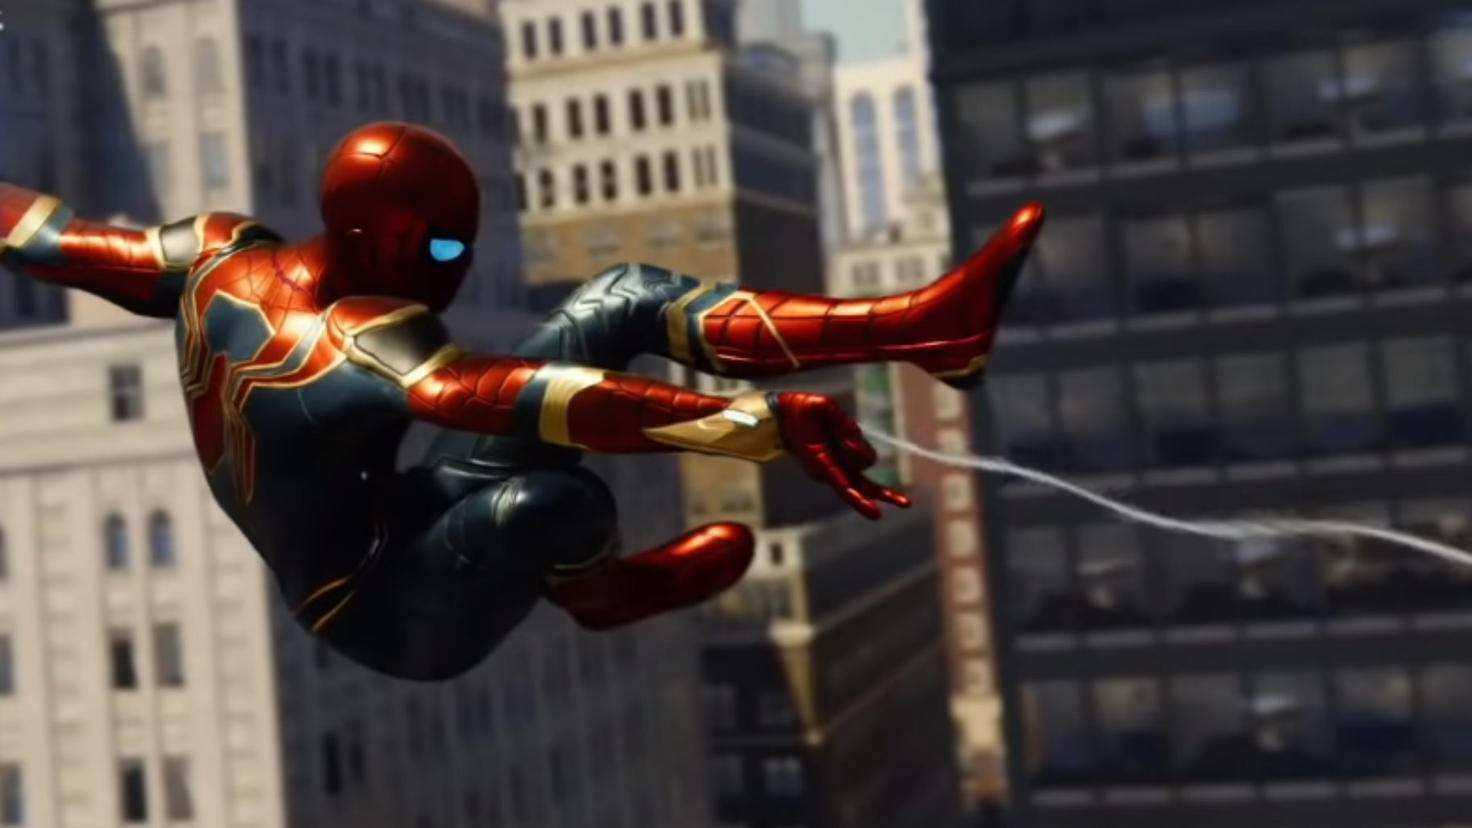 spider-man-ps4-iron-spider-anzug-screenshot